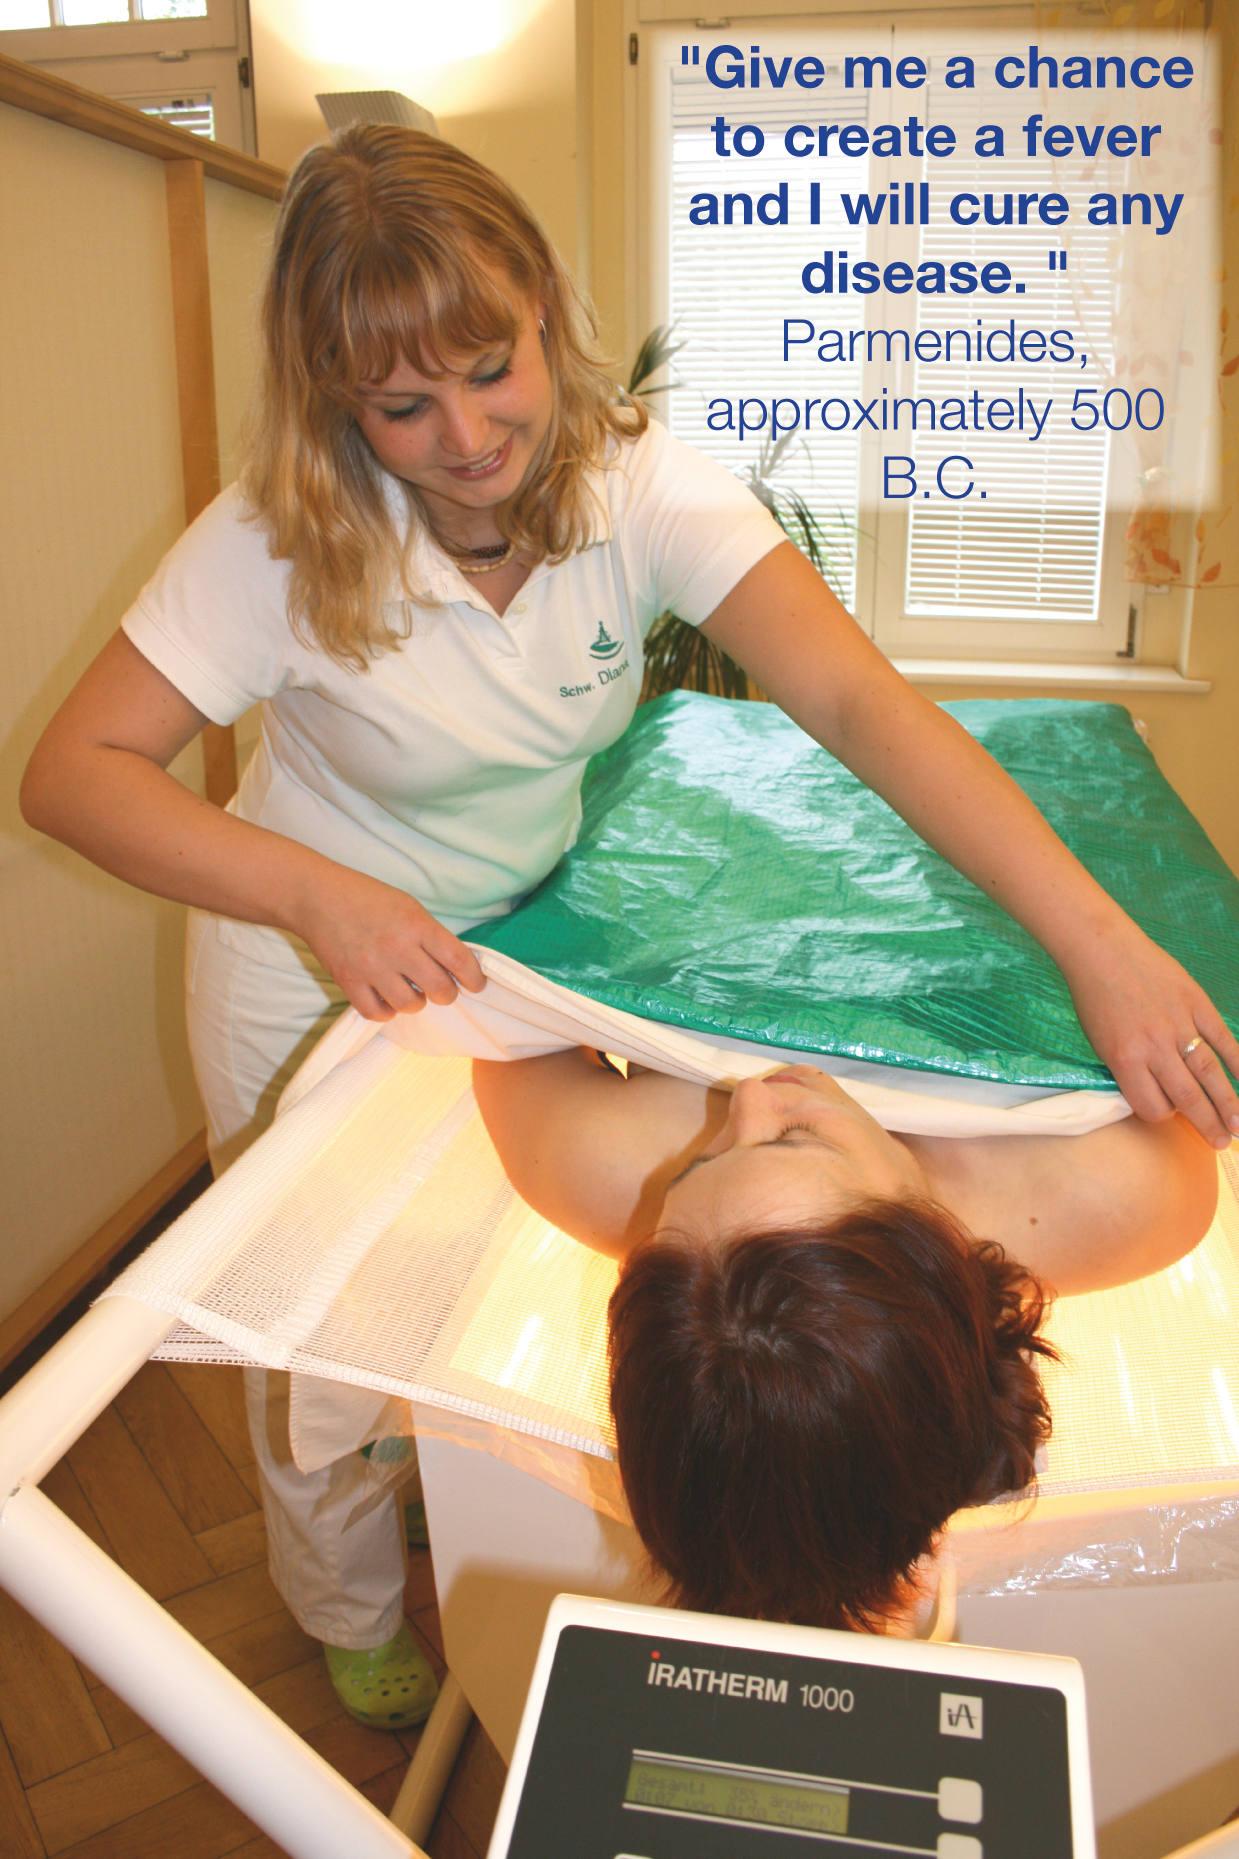 Терапевт с пациентом Klinik im Leben на лечении рака через гипертермию, одним из методов альтернативной медицины.